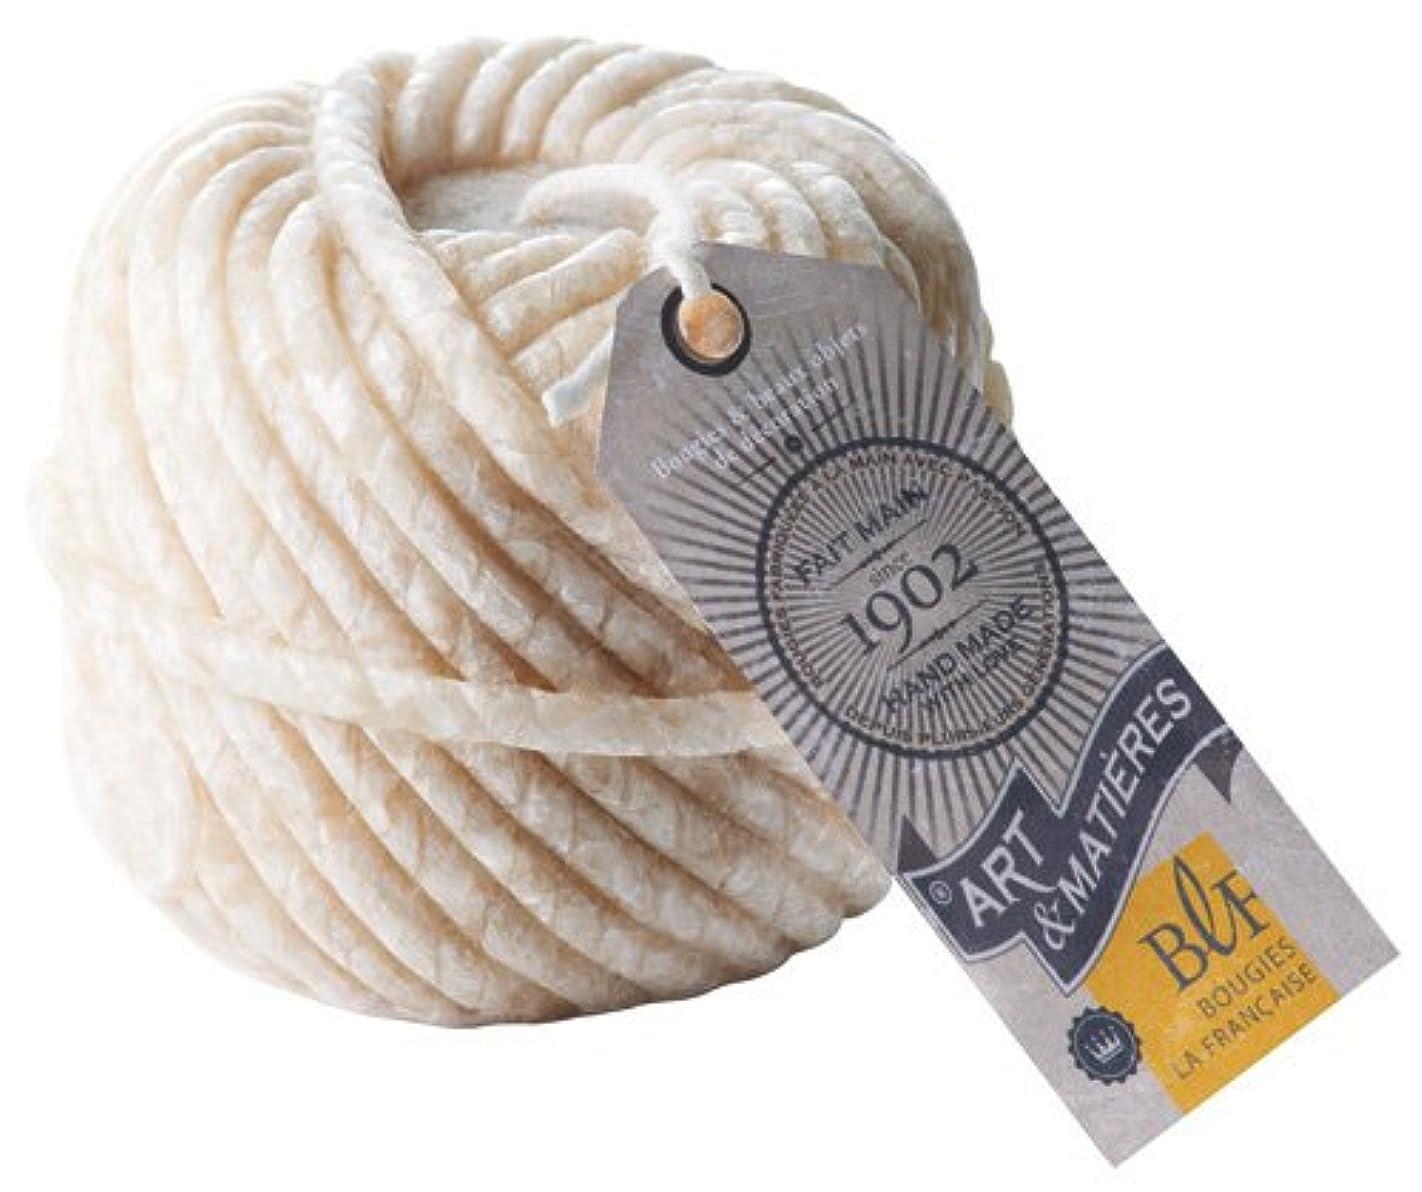 鷲男らしい閉塞ブジ?ラ?フランセーズ 本物の毛糸玉のような ウールボールキャンドル ホワイト